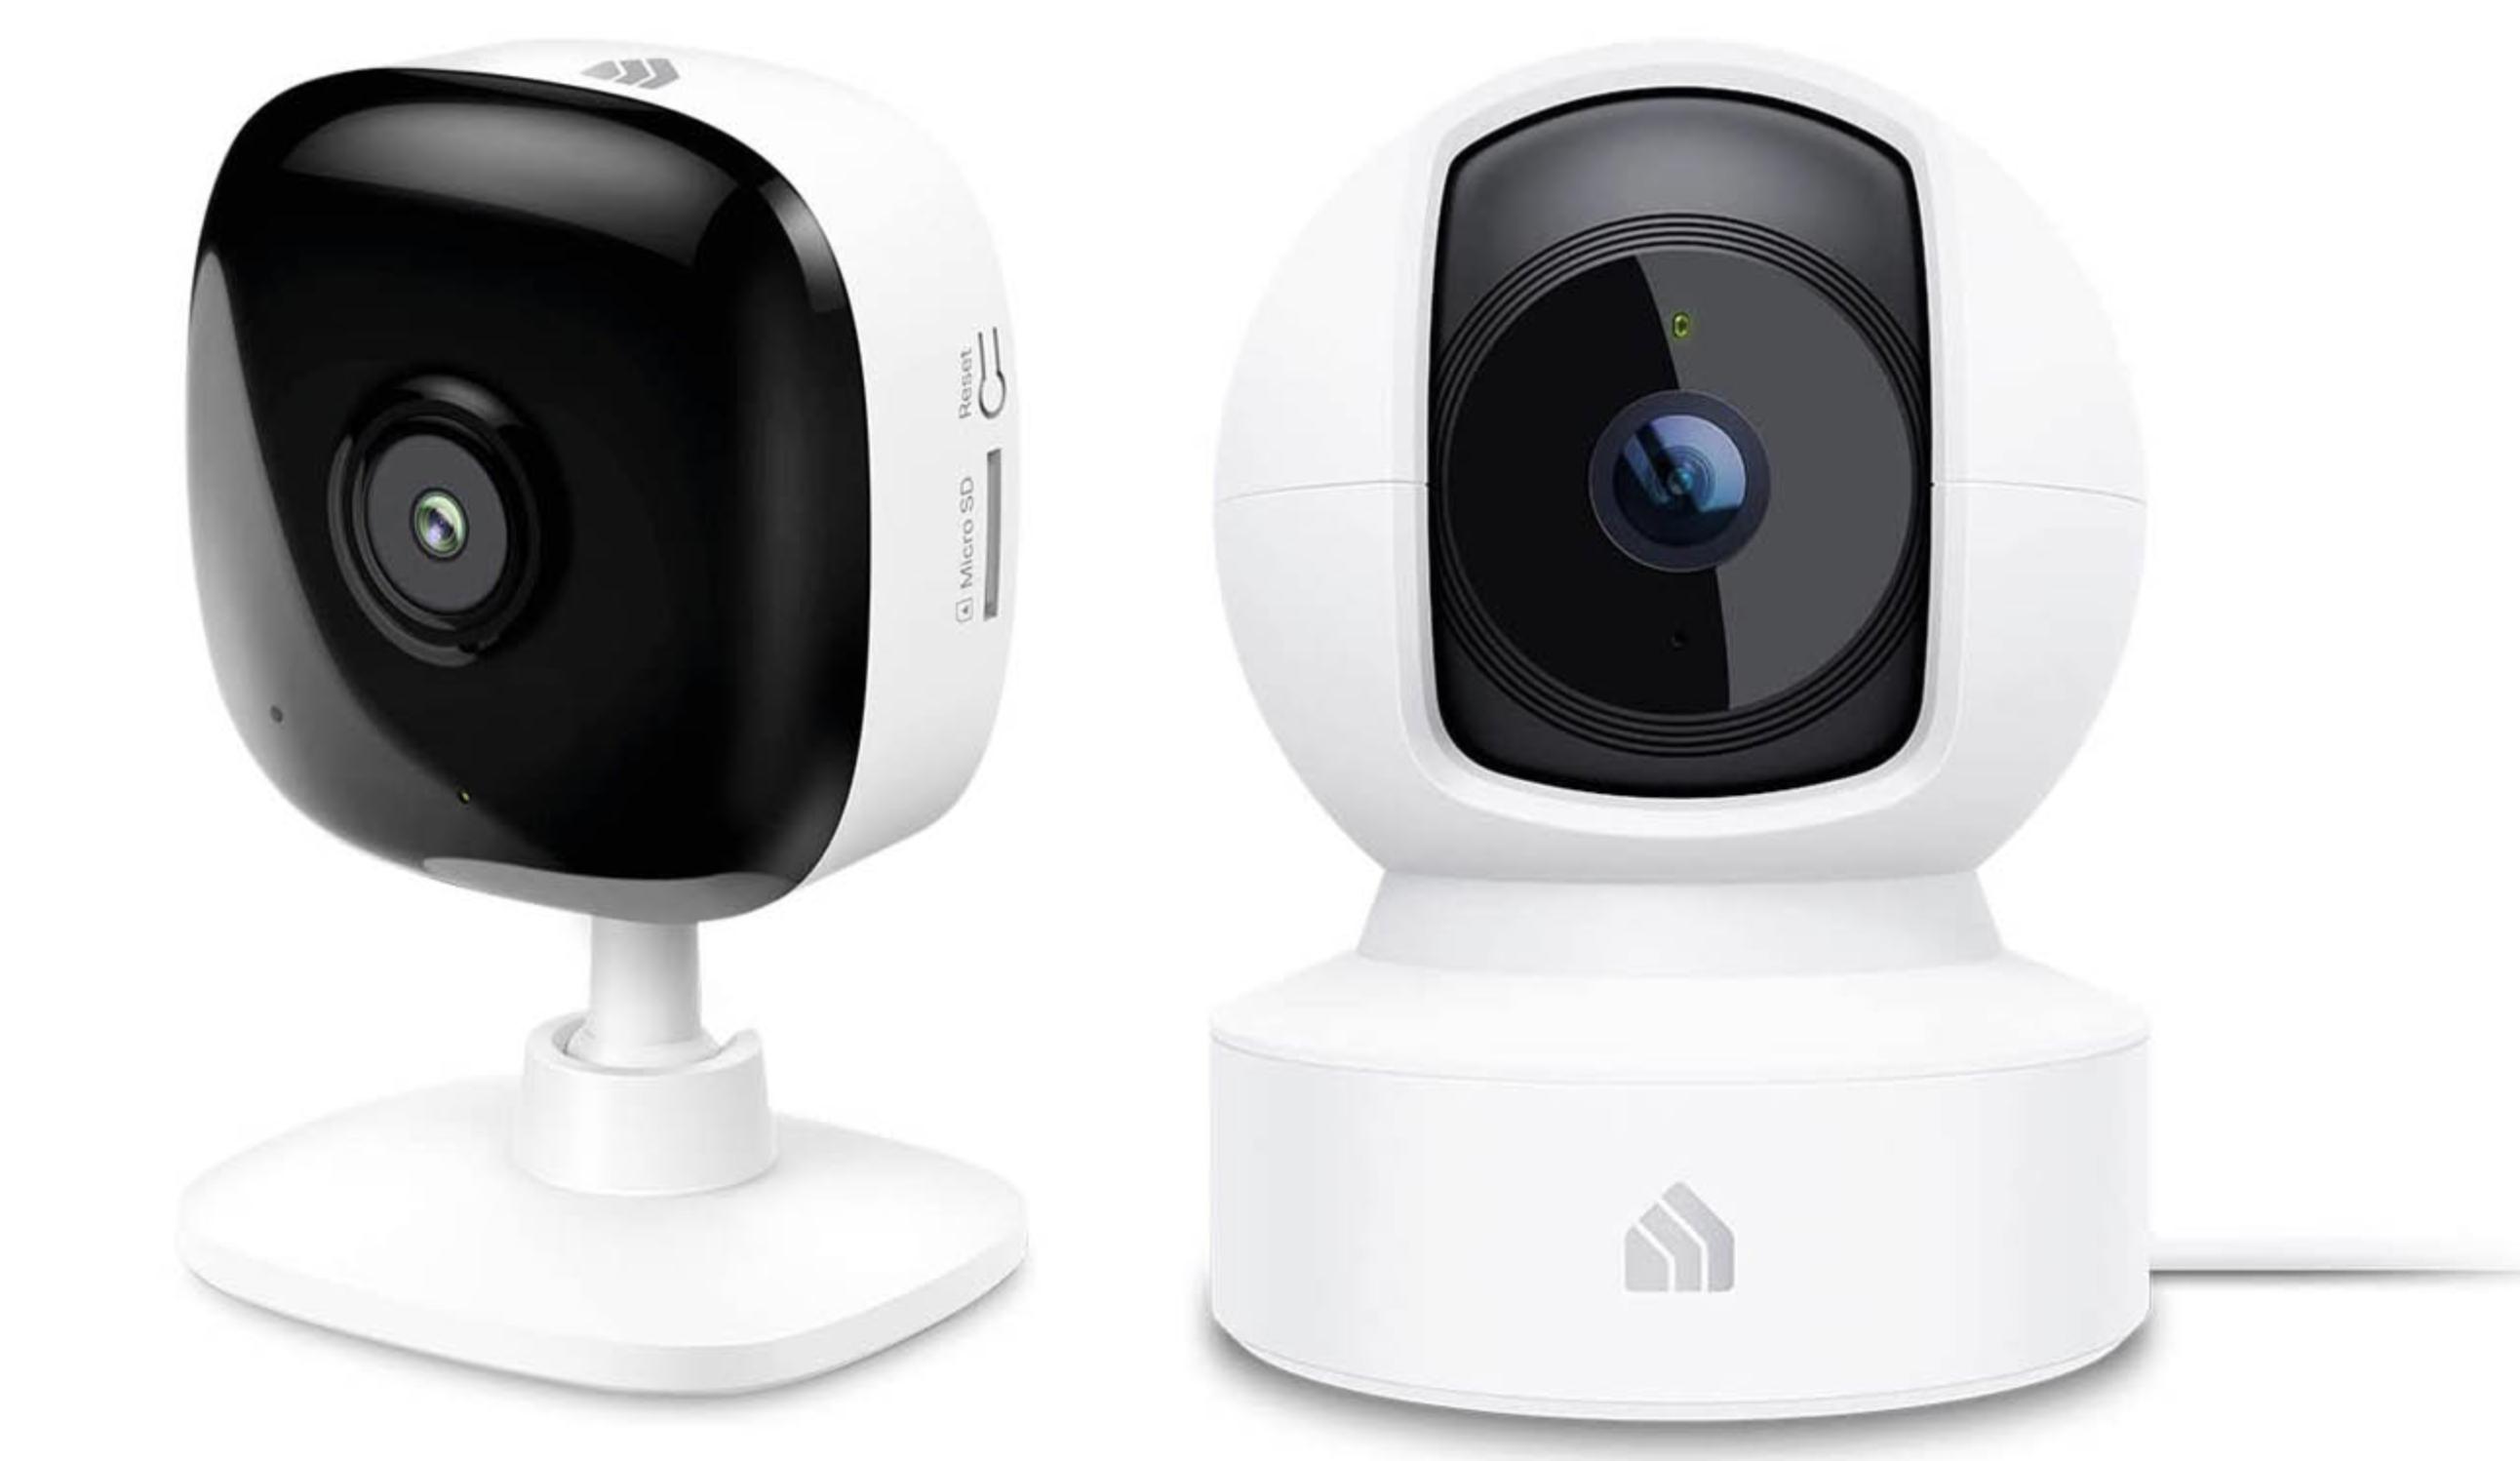 Obrazek przedstawia dwie kamery od TP-Link: Kasa Spot KC400 z lewej strony i Kasa Spot KC410S z prawej strony.